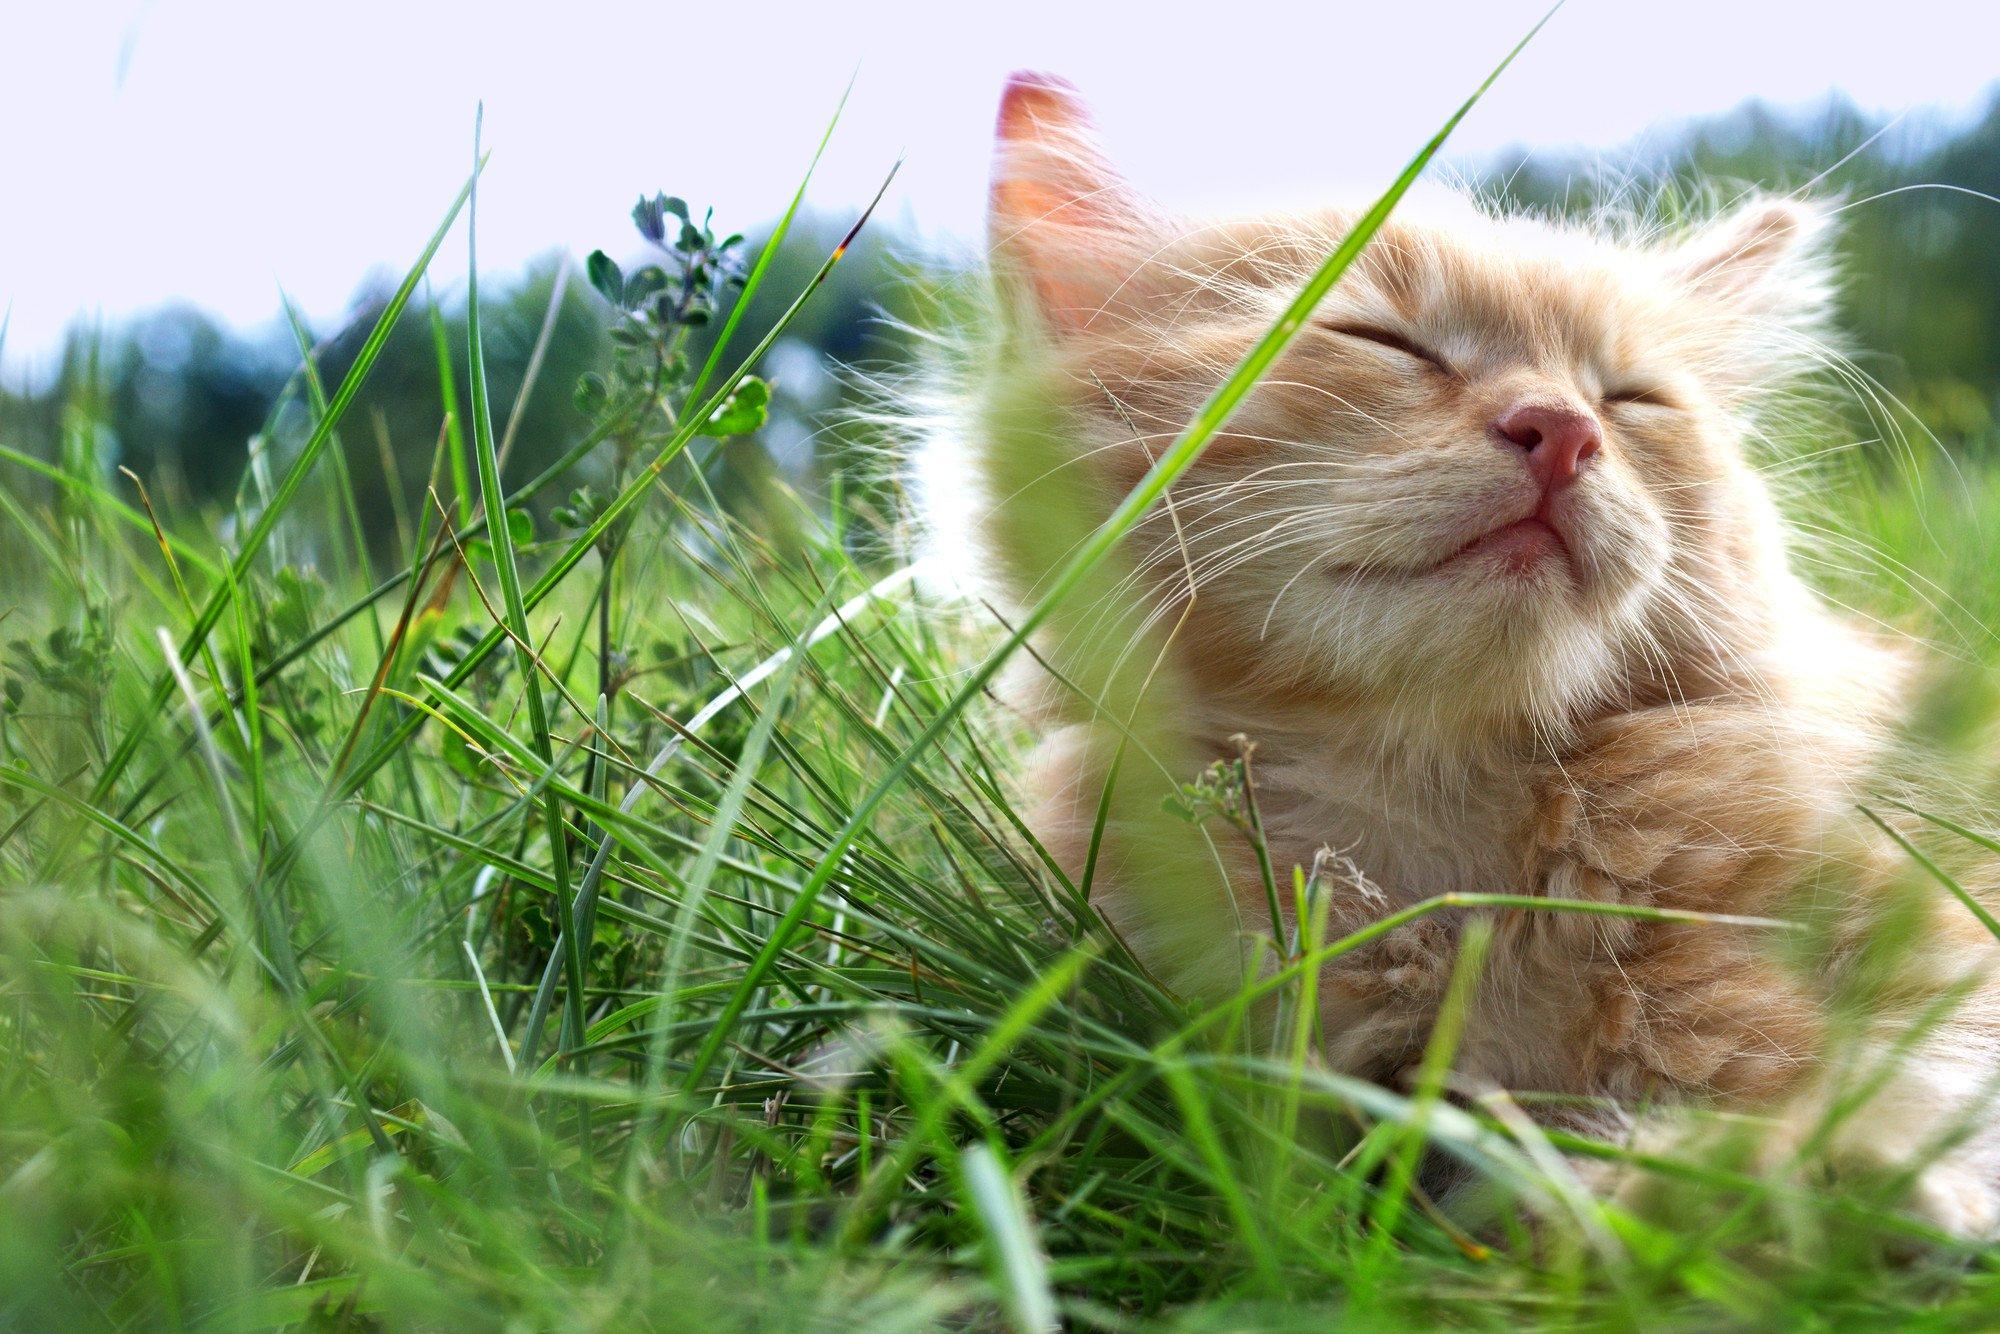 cat sleepy in a garden meadow